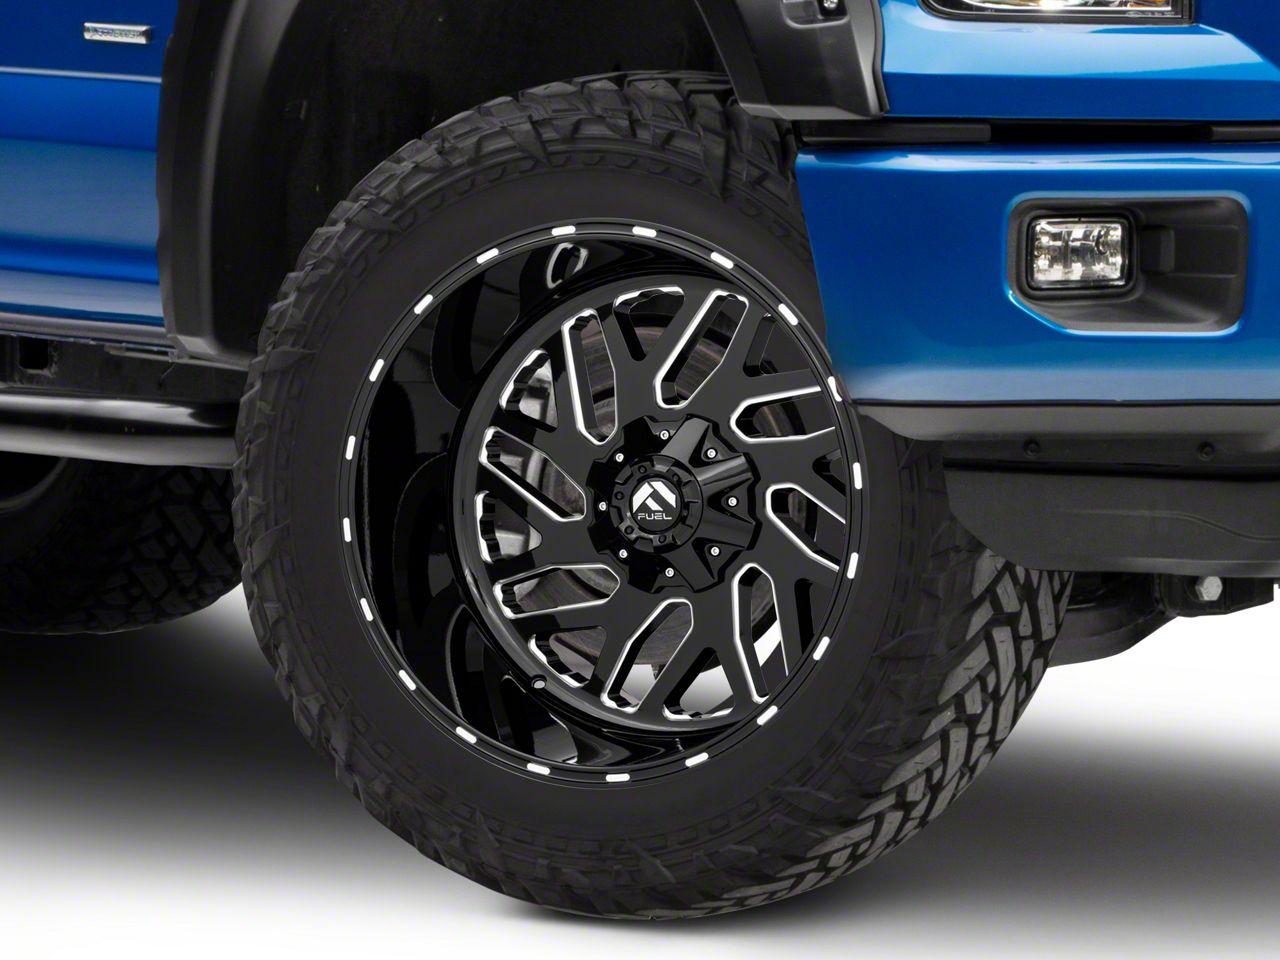 Fuel Wheels Triton Gloss Black Milled 6-Lug Wheel - 22x12 (04-18 F-150)